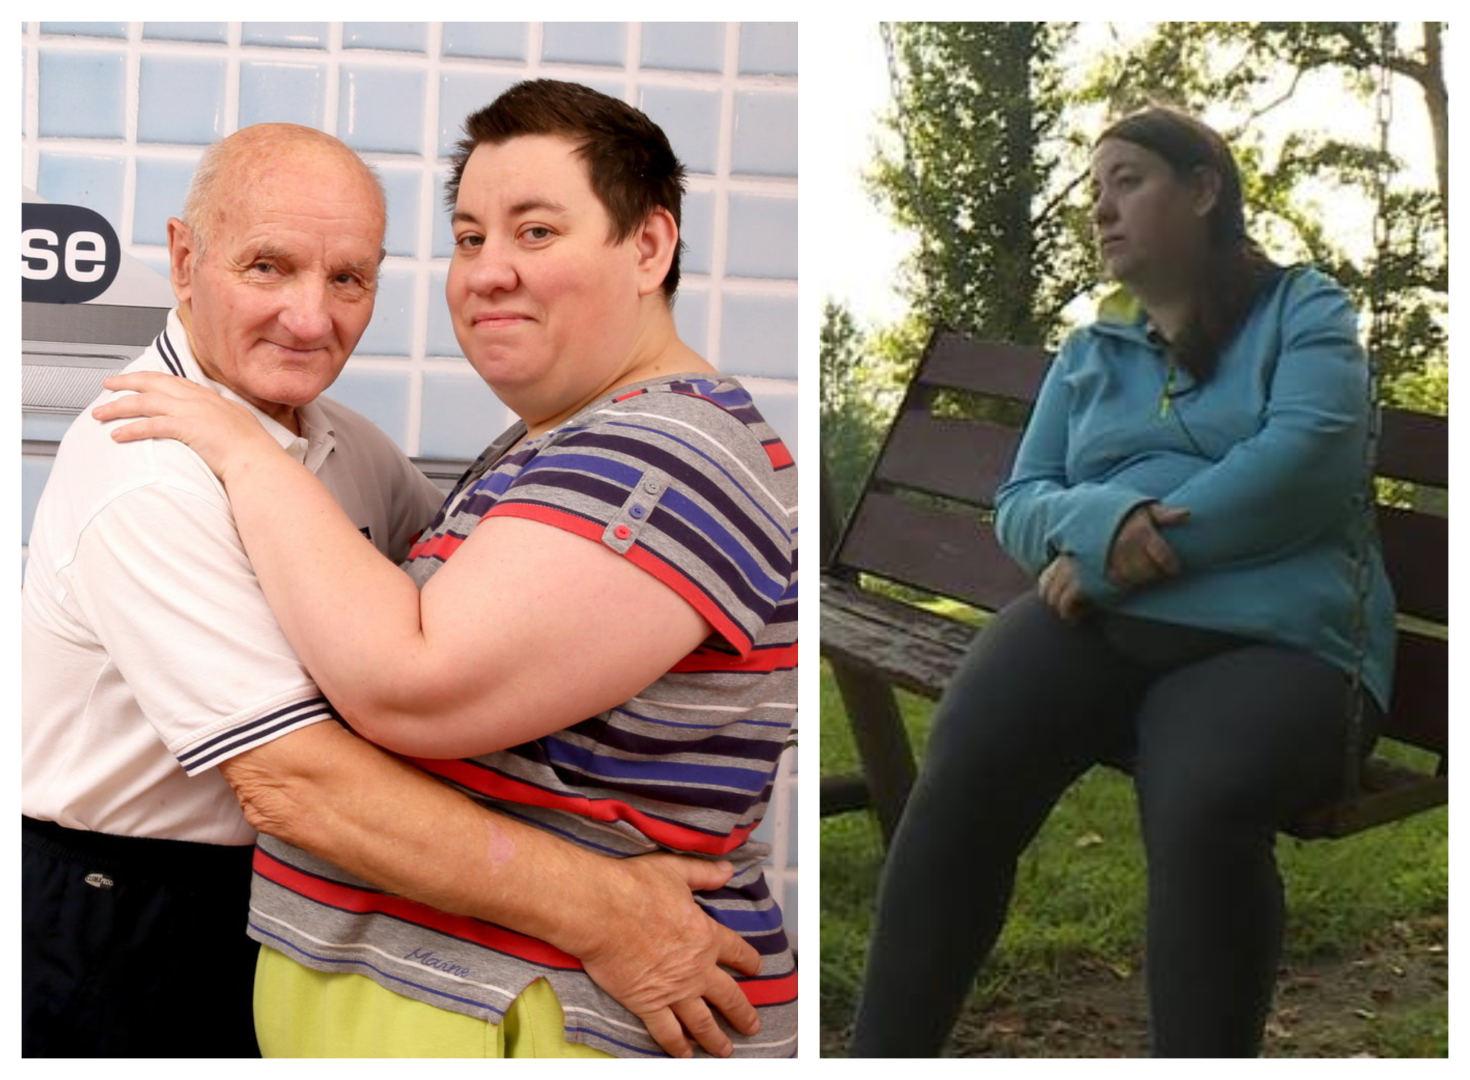 37 vyrai numeta svorio